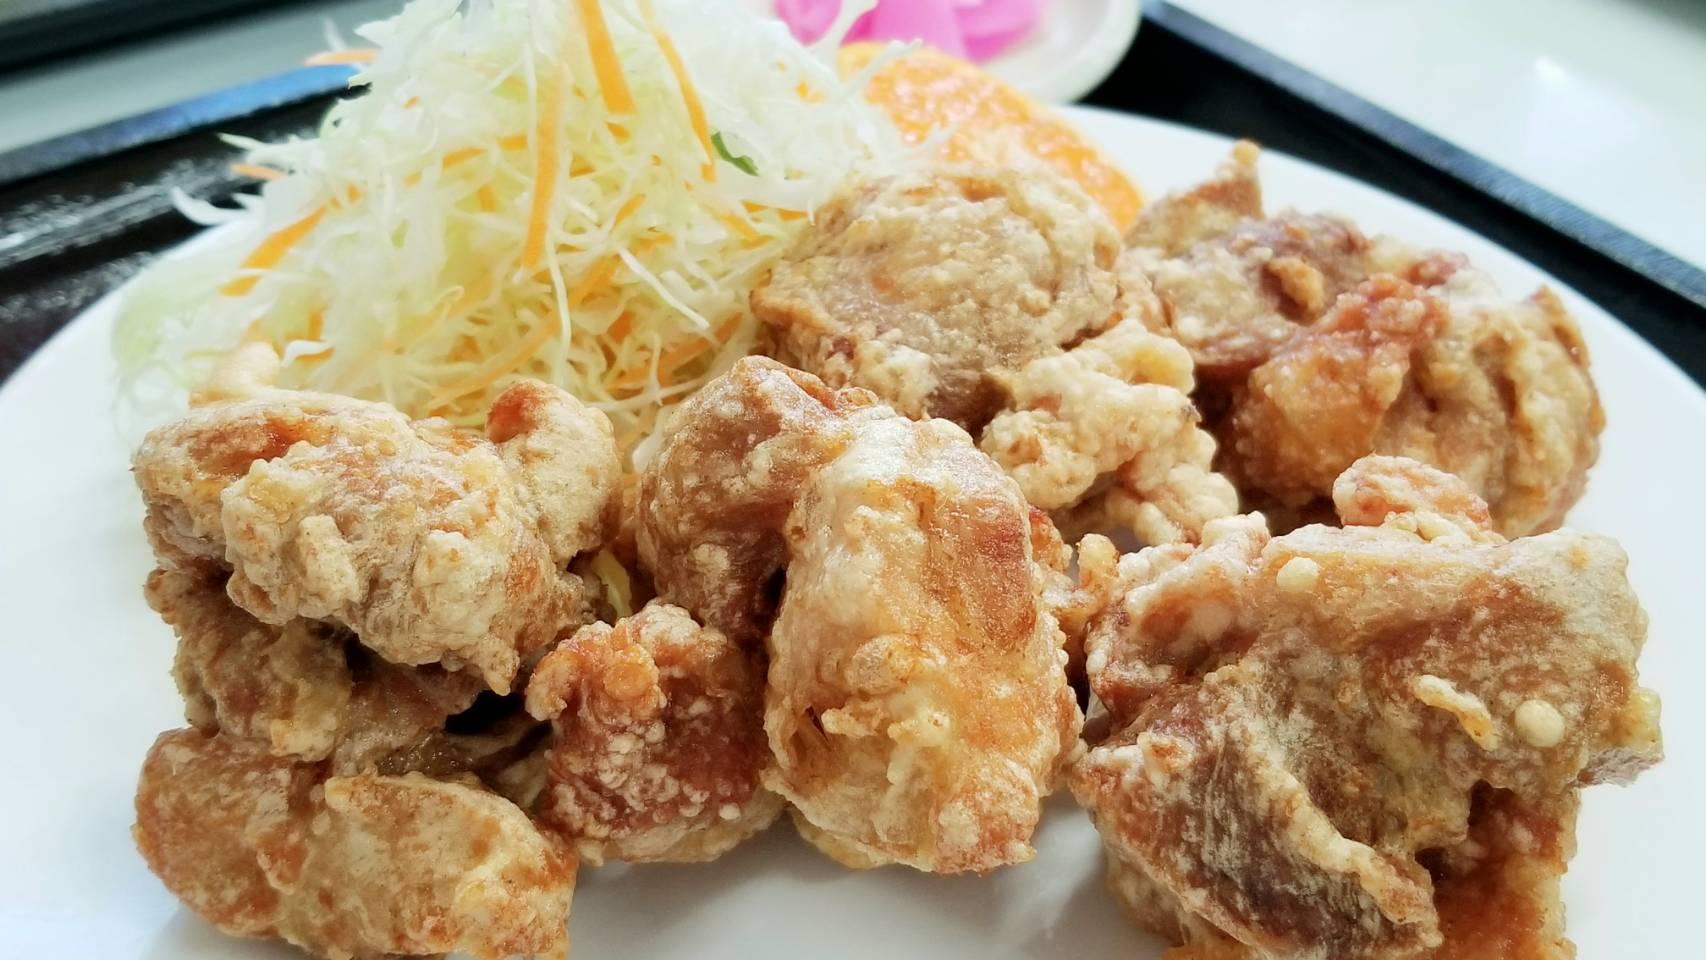 愛媛県松山市おいしいからあげ定食ランチ安いやみつき穴場グルメ店